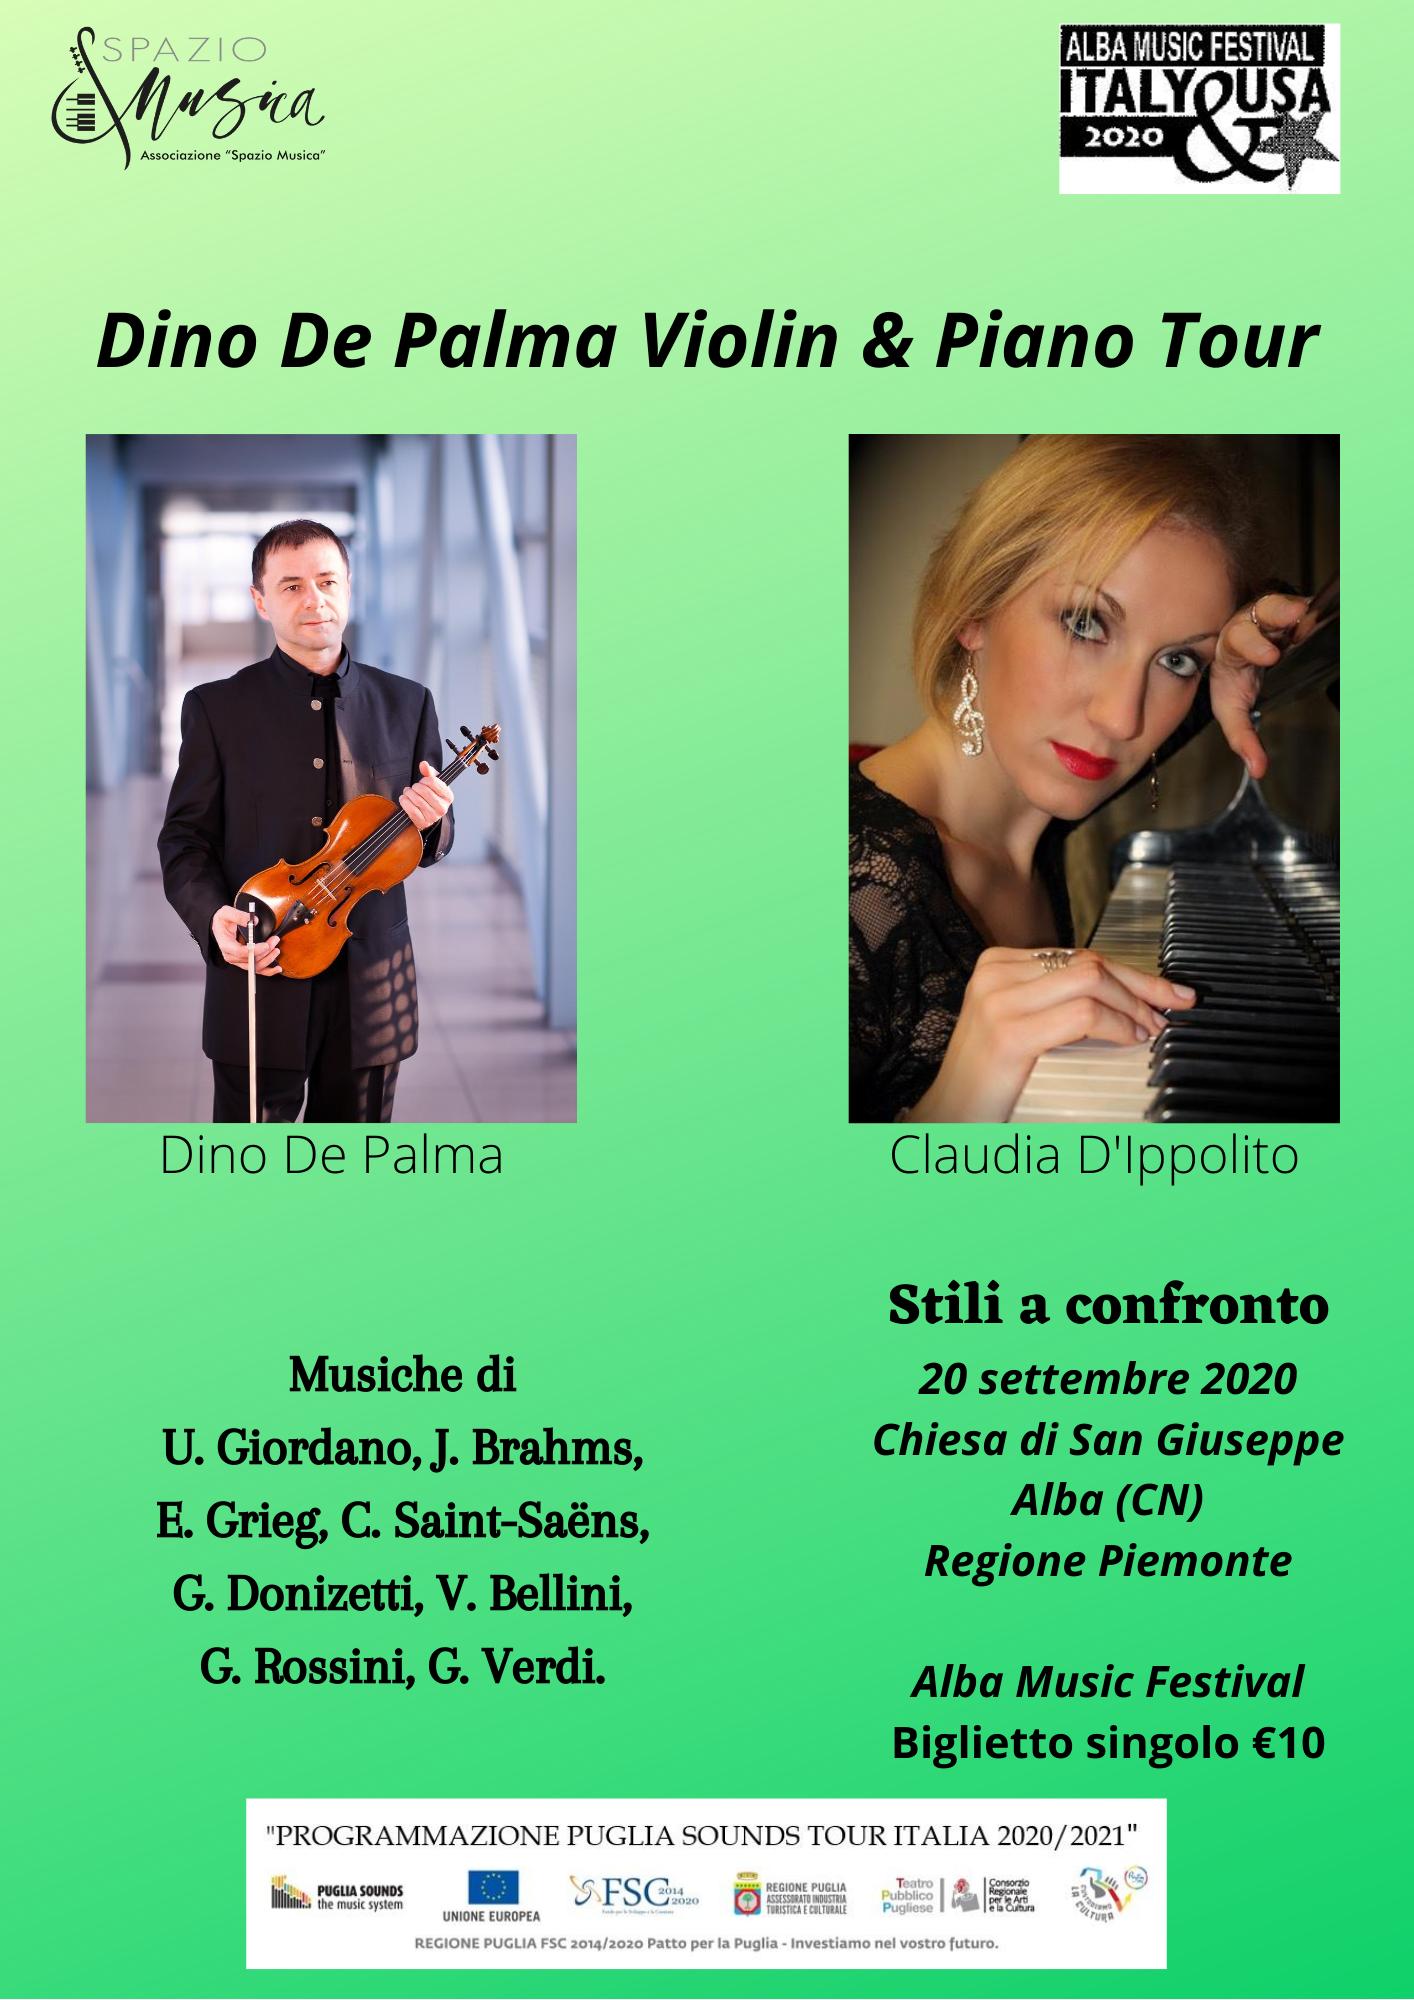 Dino De Palma Violin & Piano Tour20 settembre – Alba (CN)